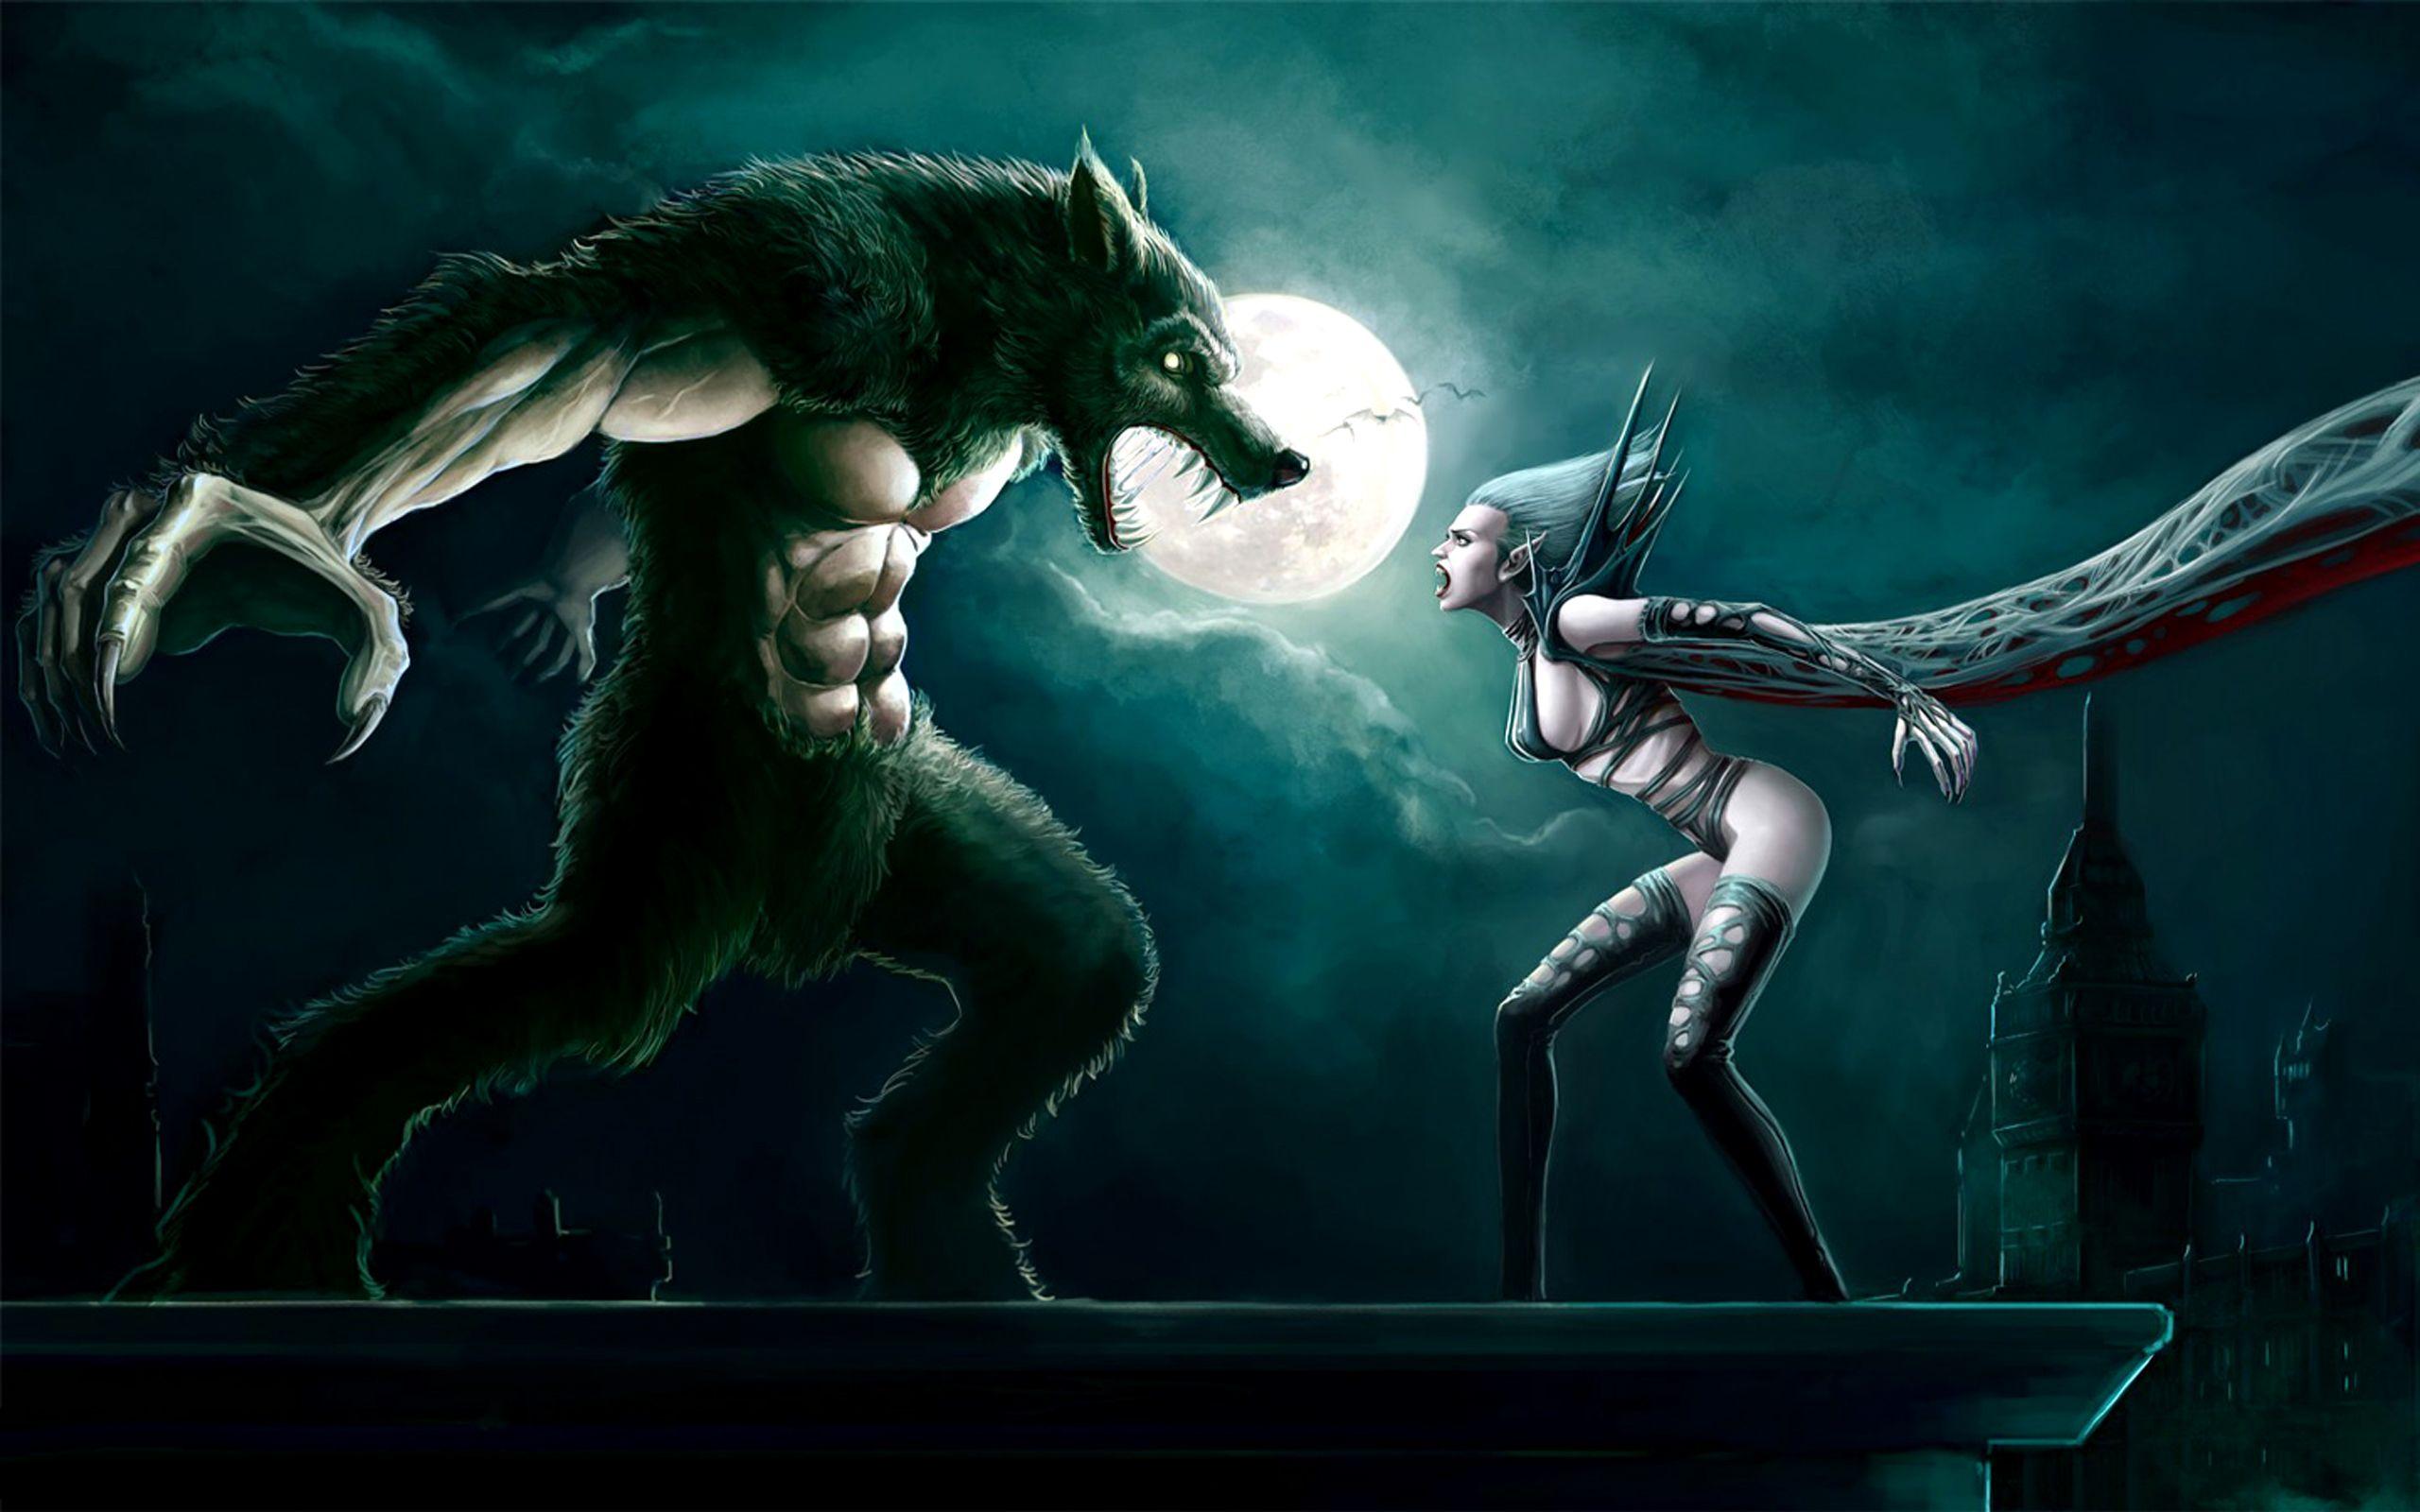 Female Lycan Dark Battle Vampire Werewolf Women Wallpaper